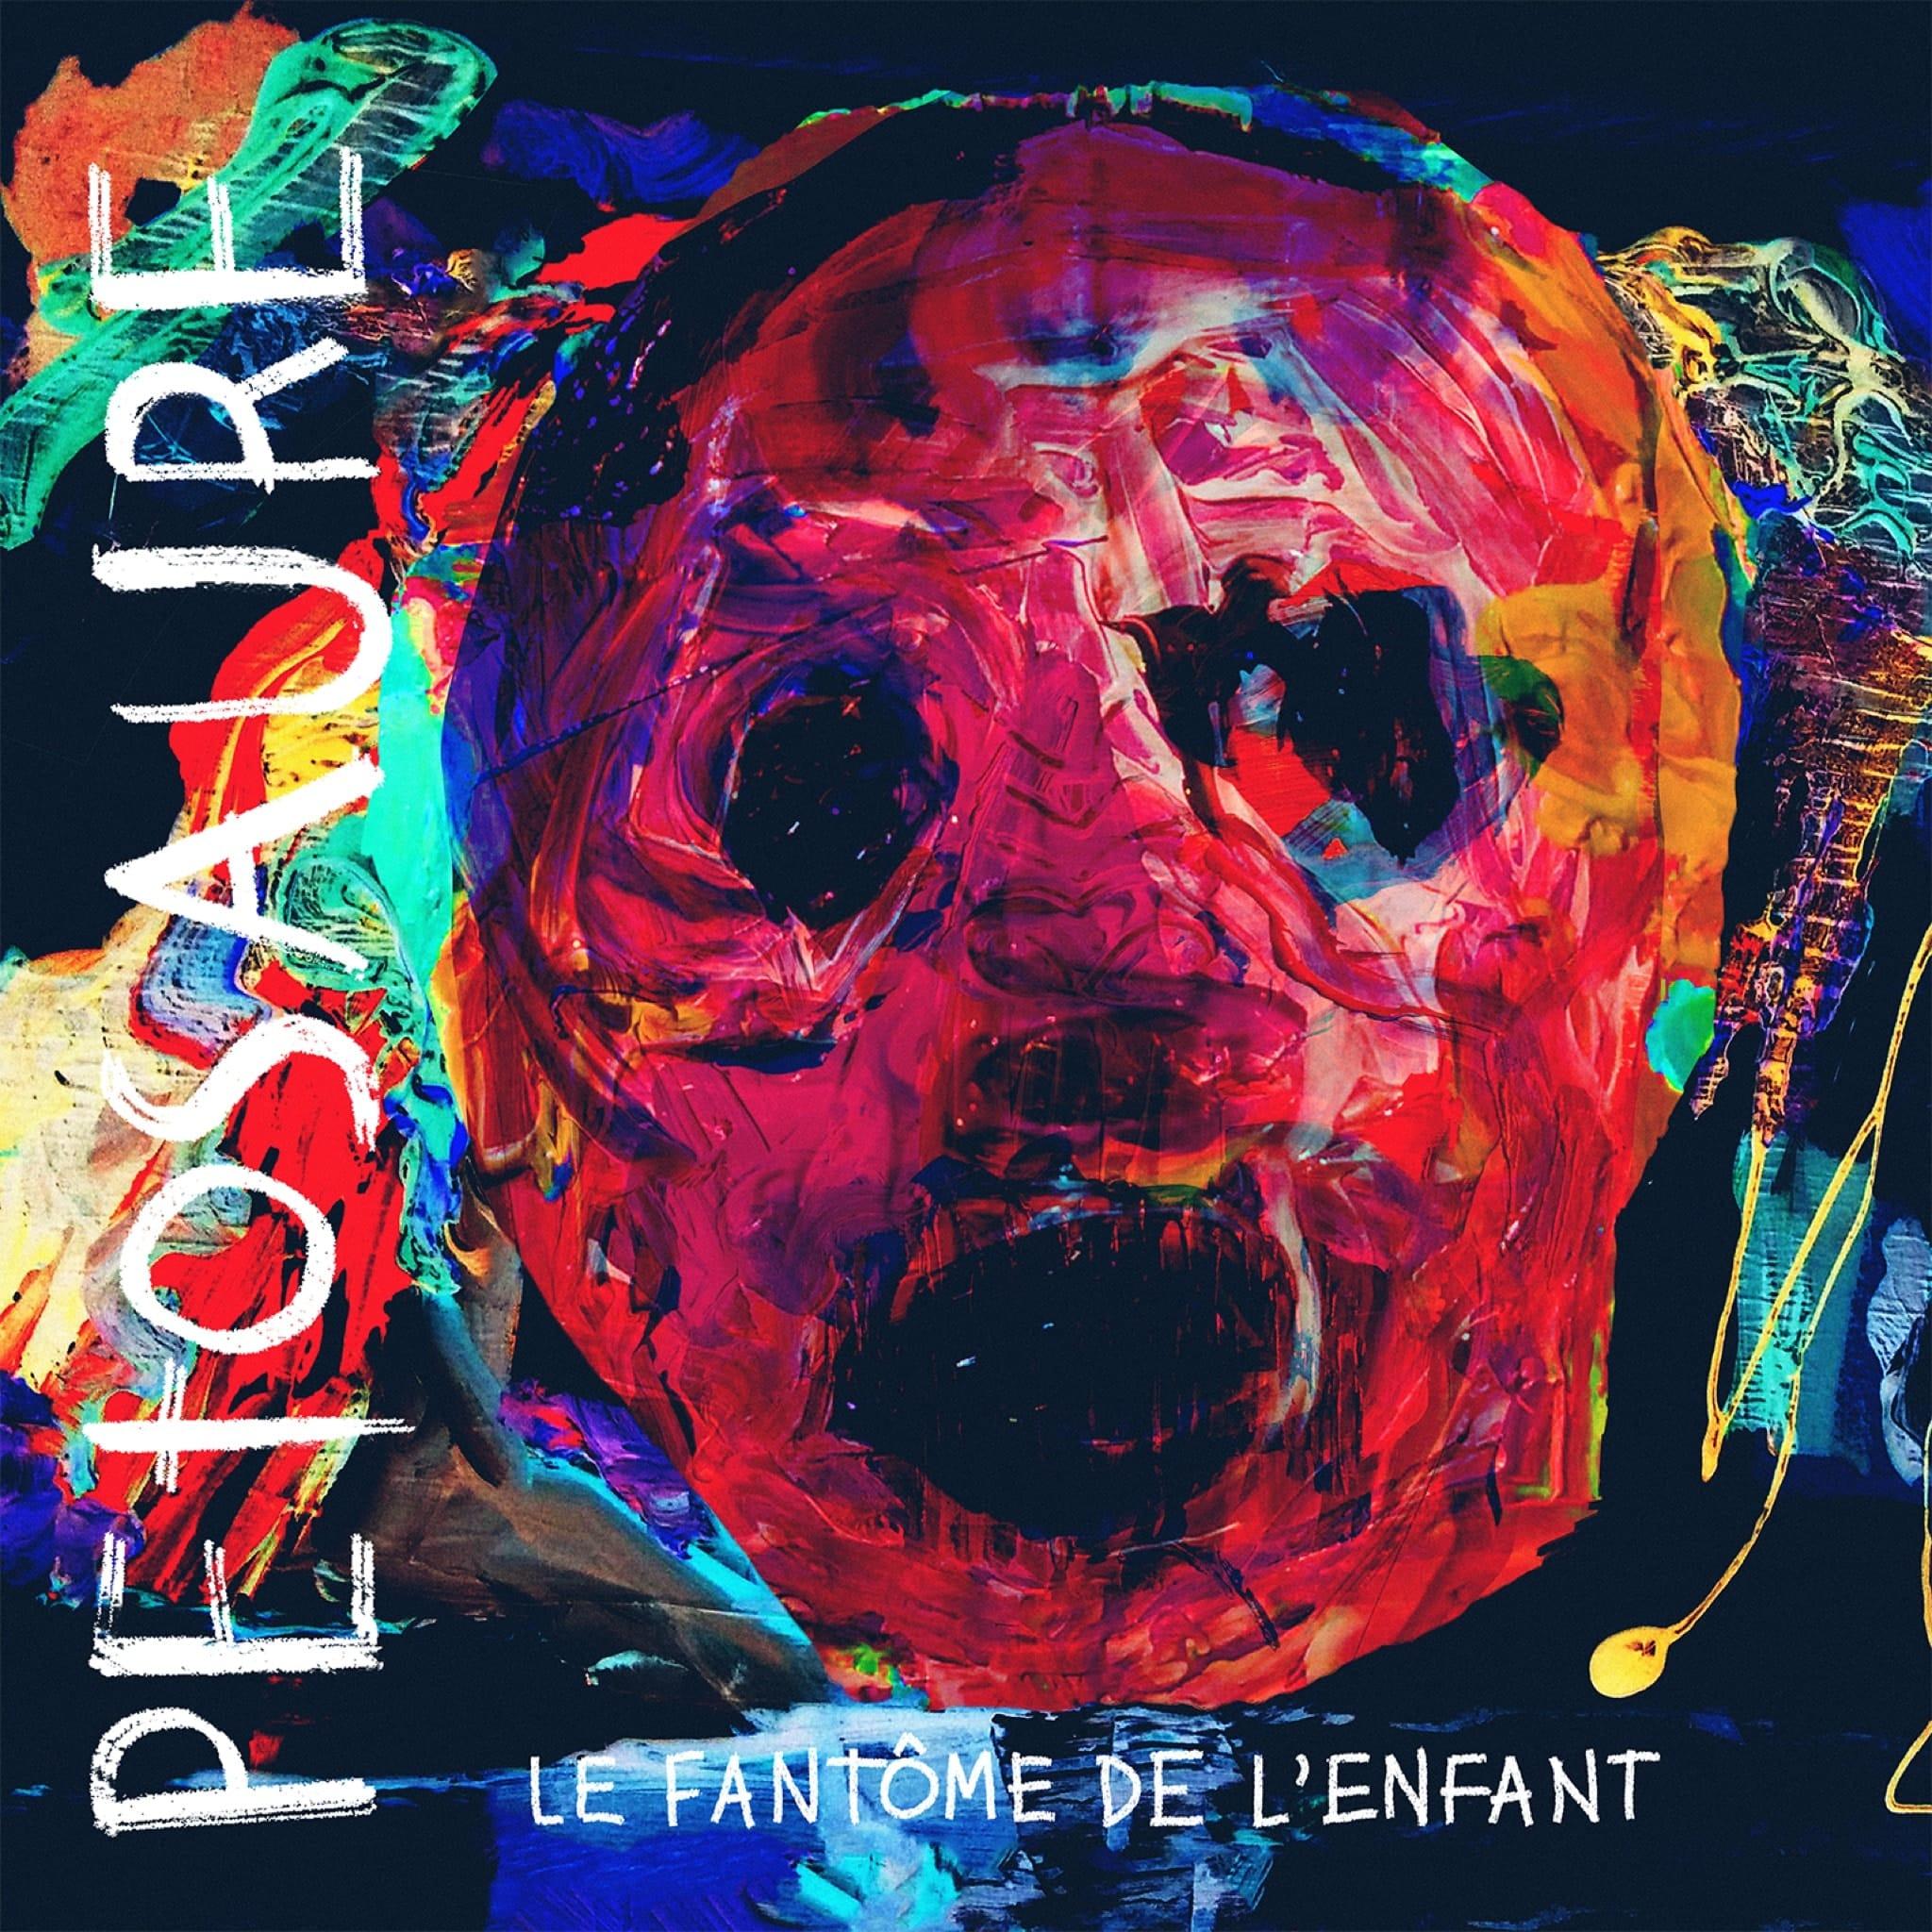 petosaure-image-album-le-fantome-de-lenfant